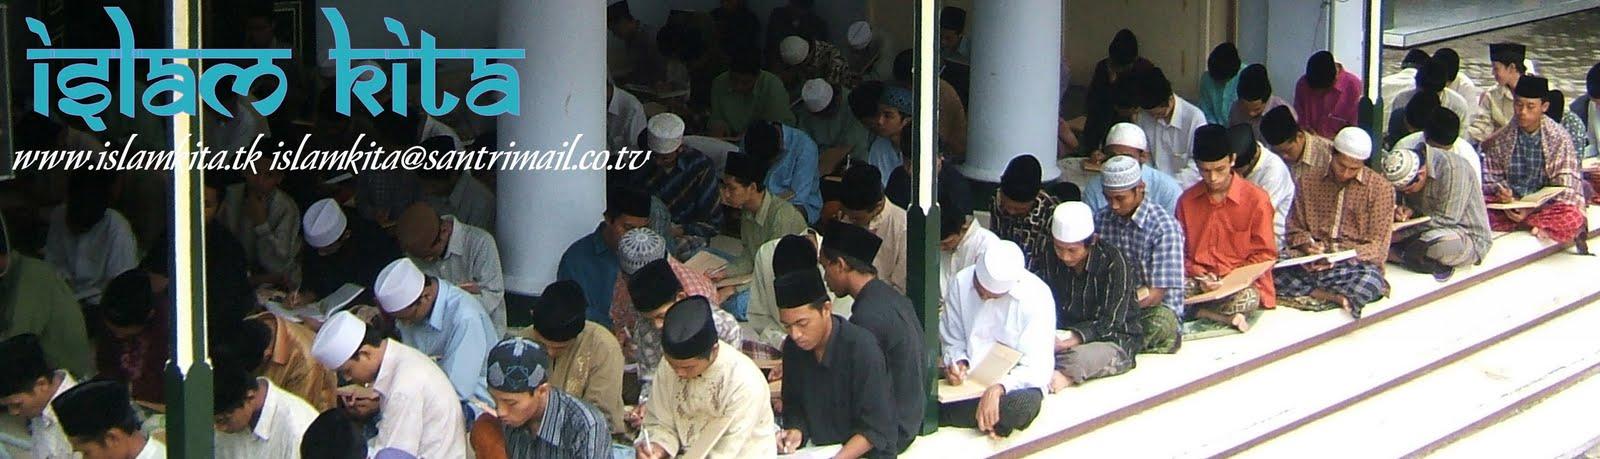 ISLAM KITA